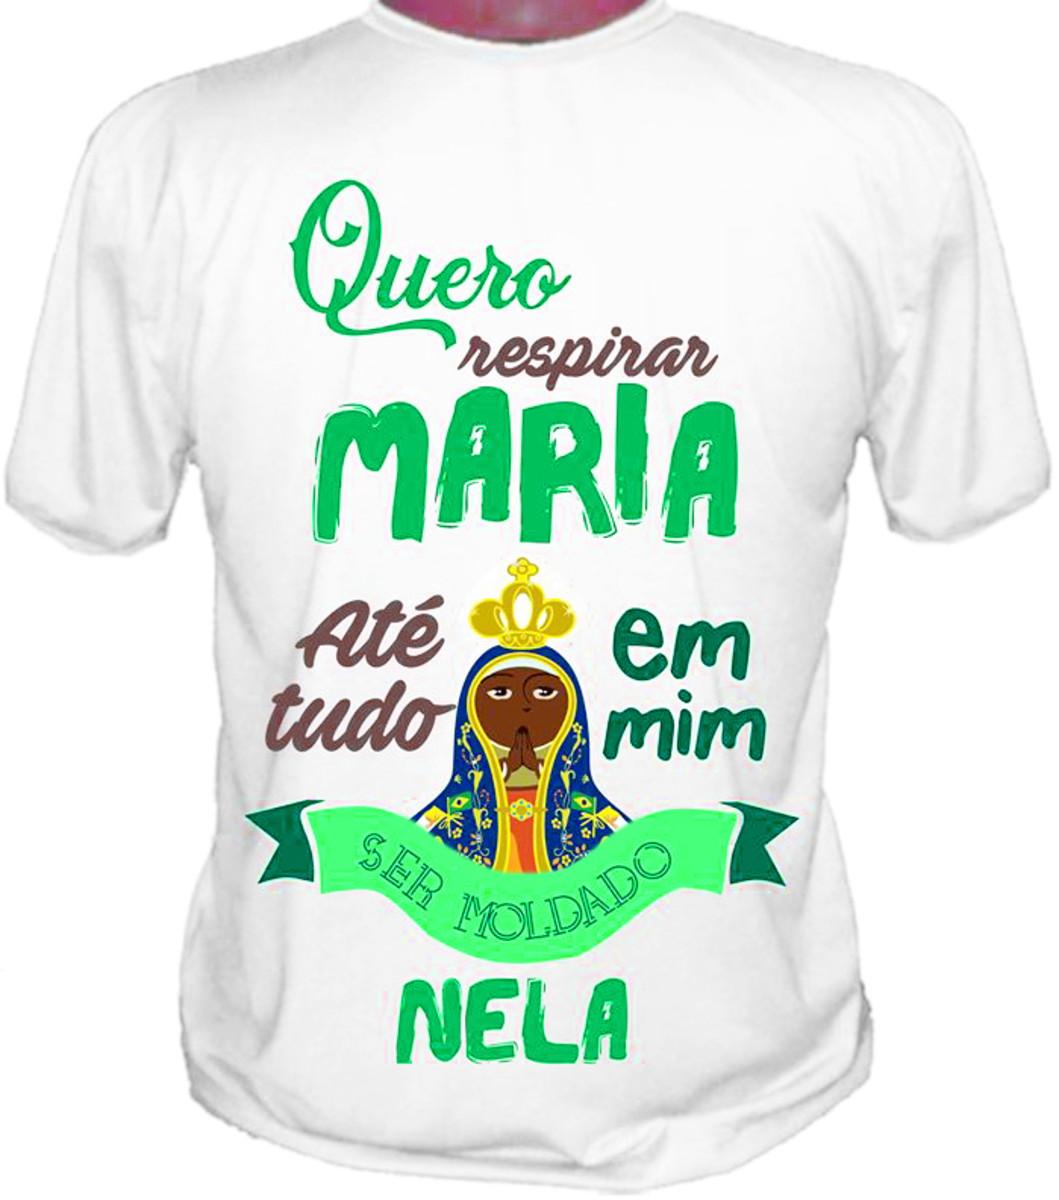 048f105f06 camiseta-barata-camisetas-personalizadas-evangelicas